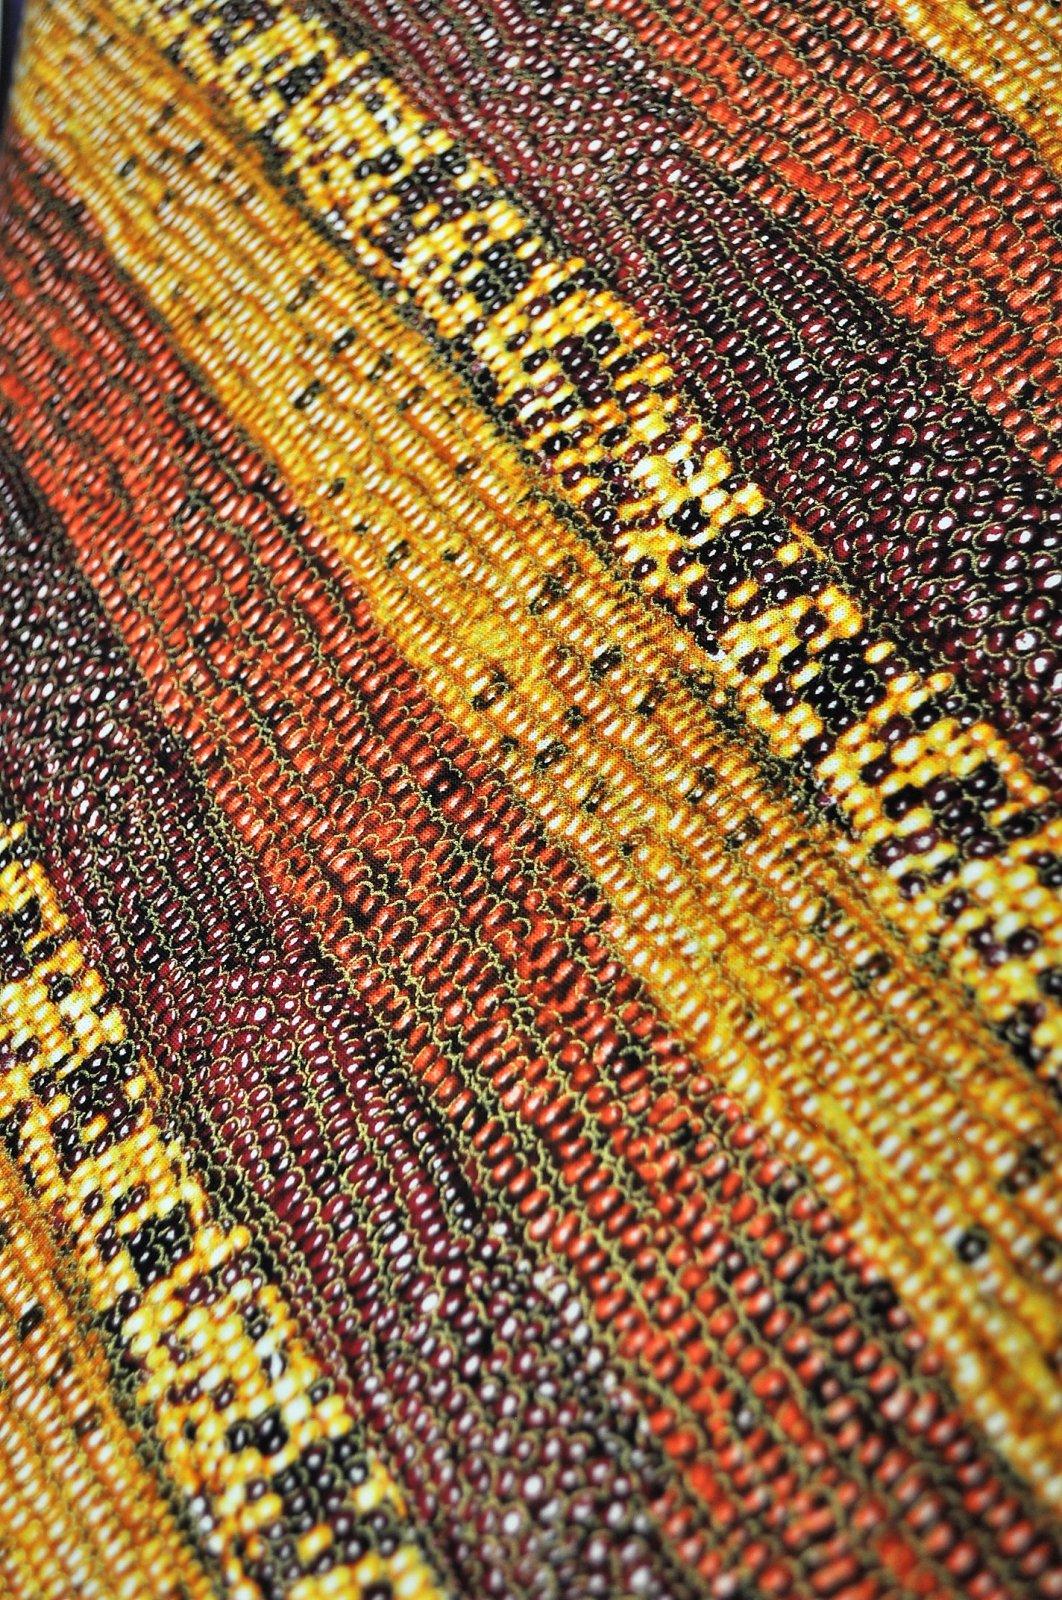 Autumn Fauna Corn 05652-88